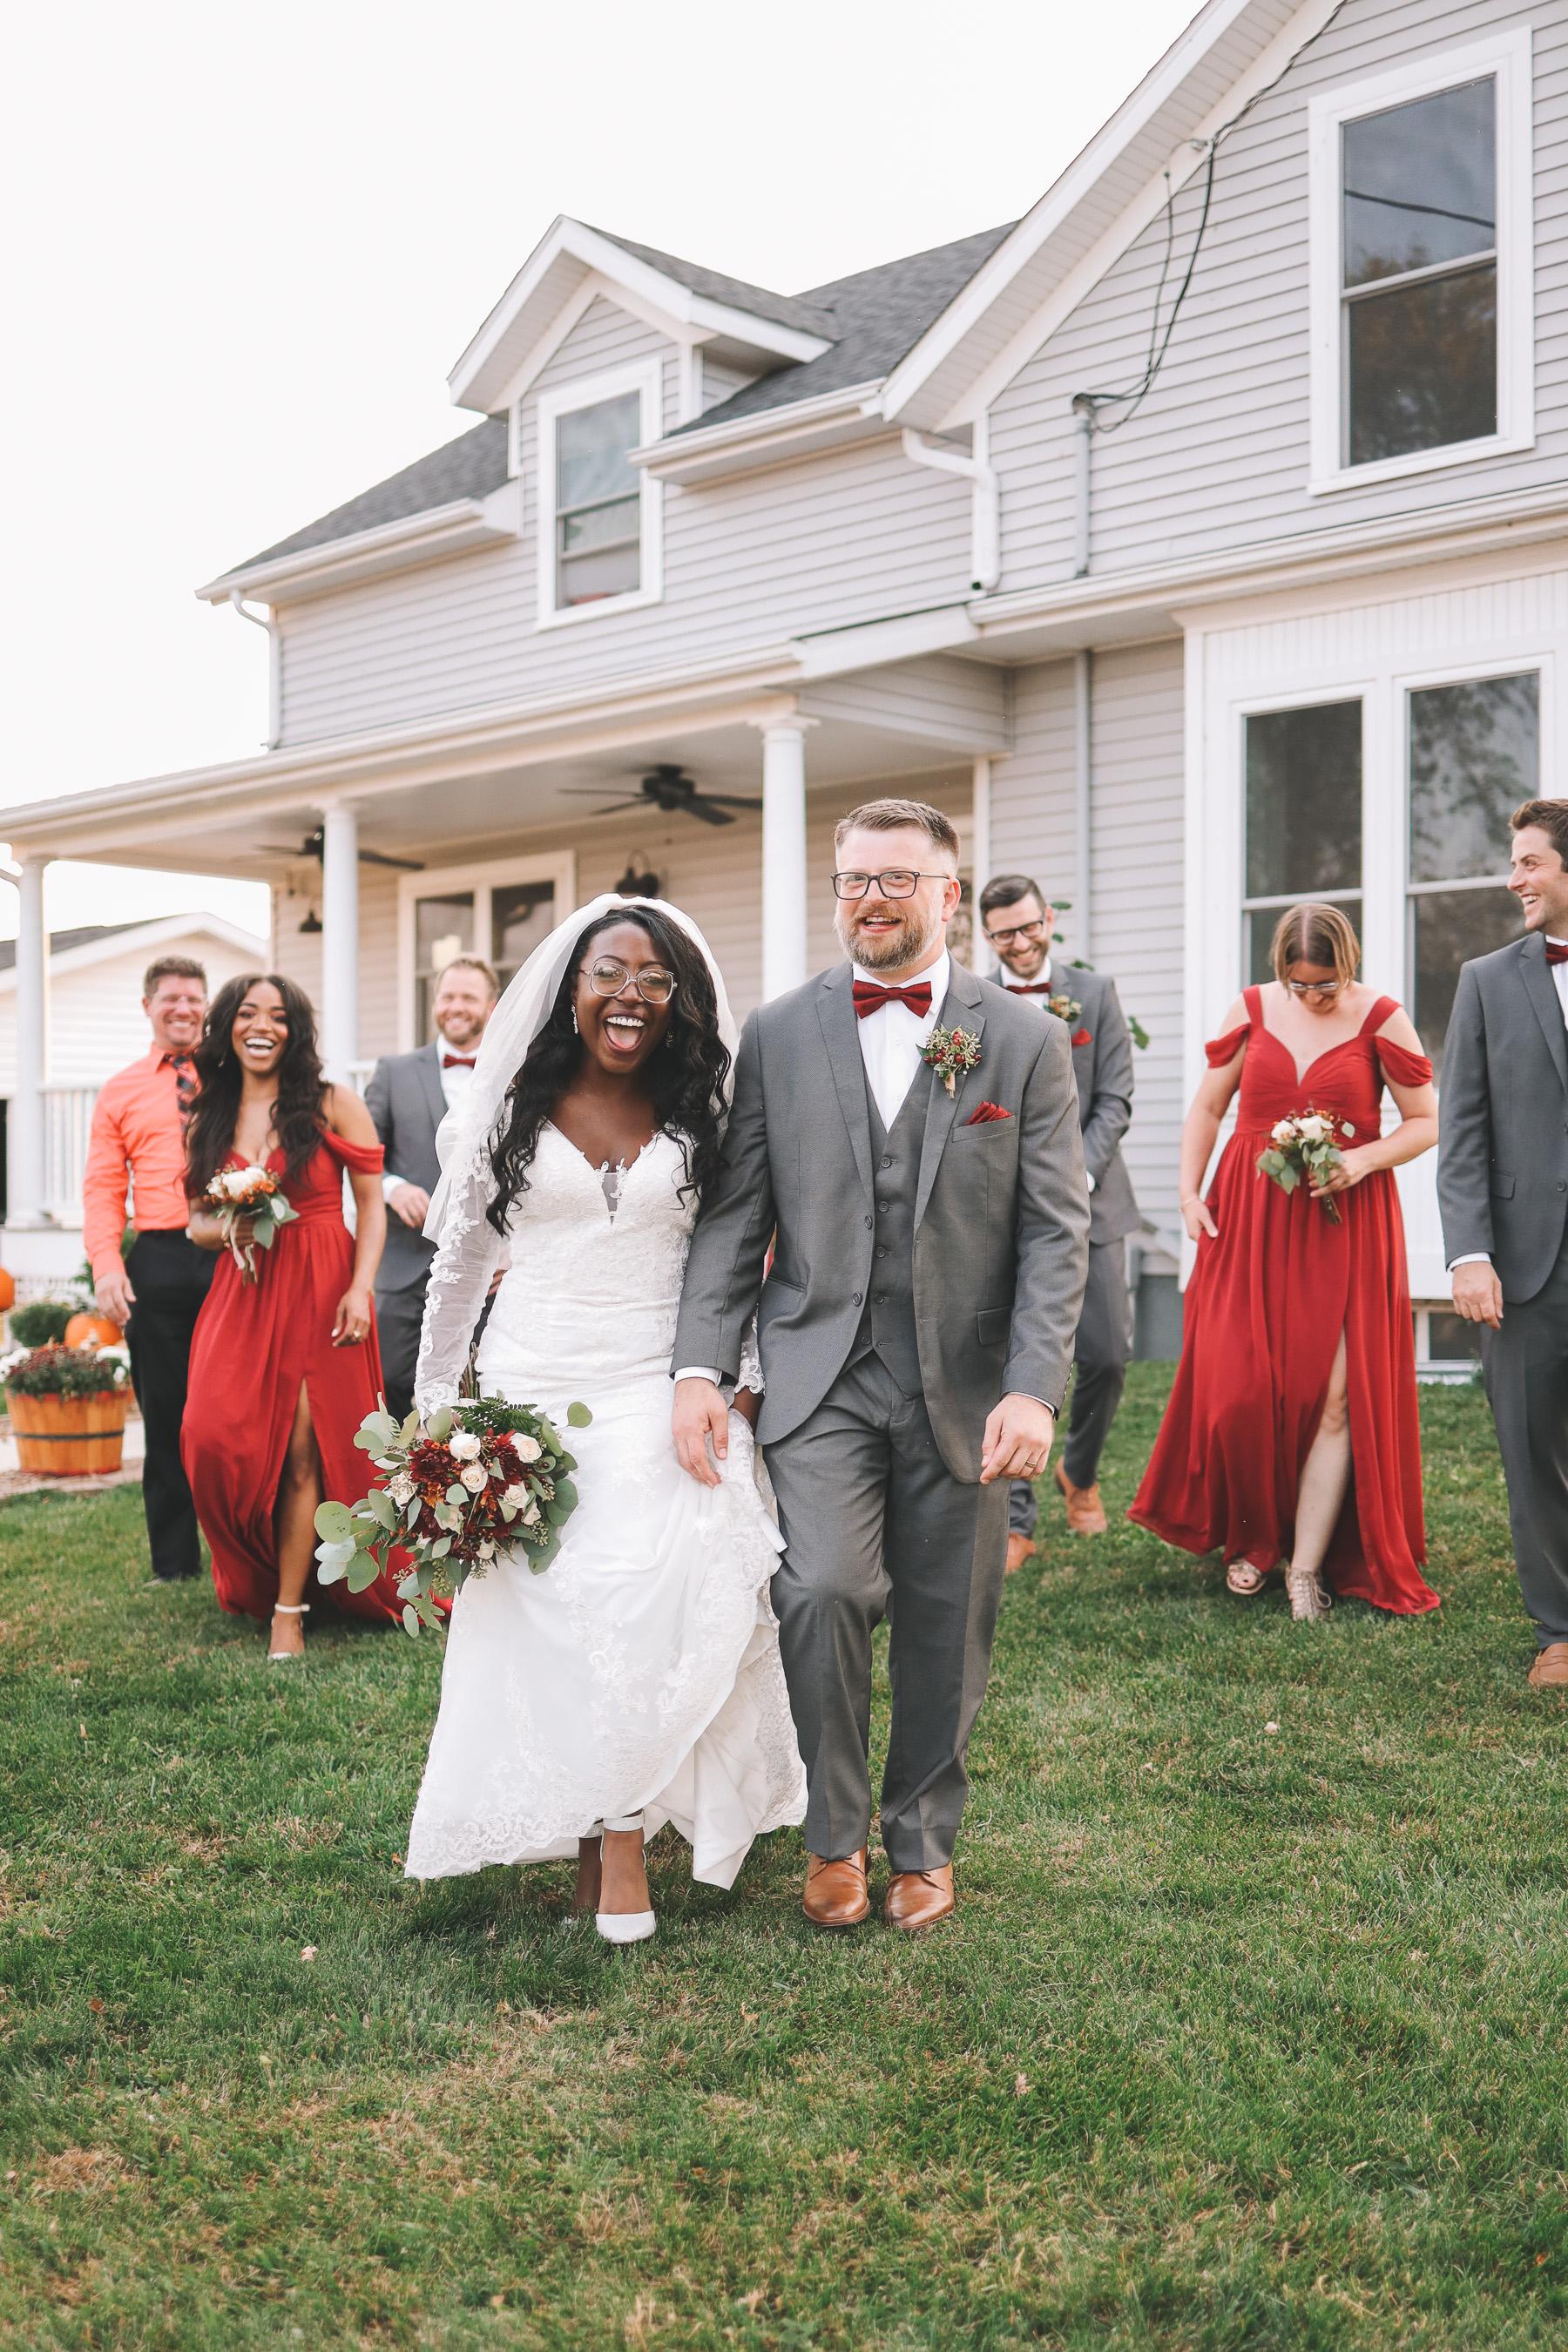 husband and wife with entourage